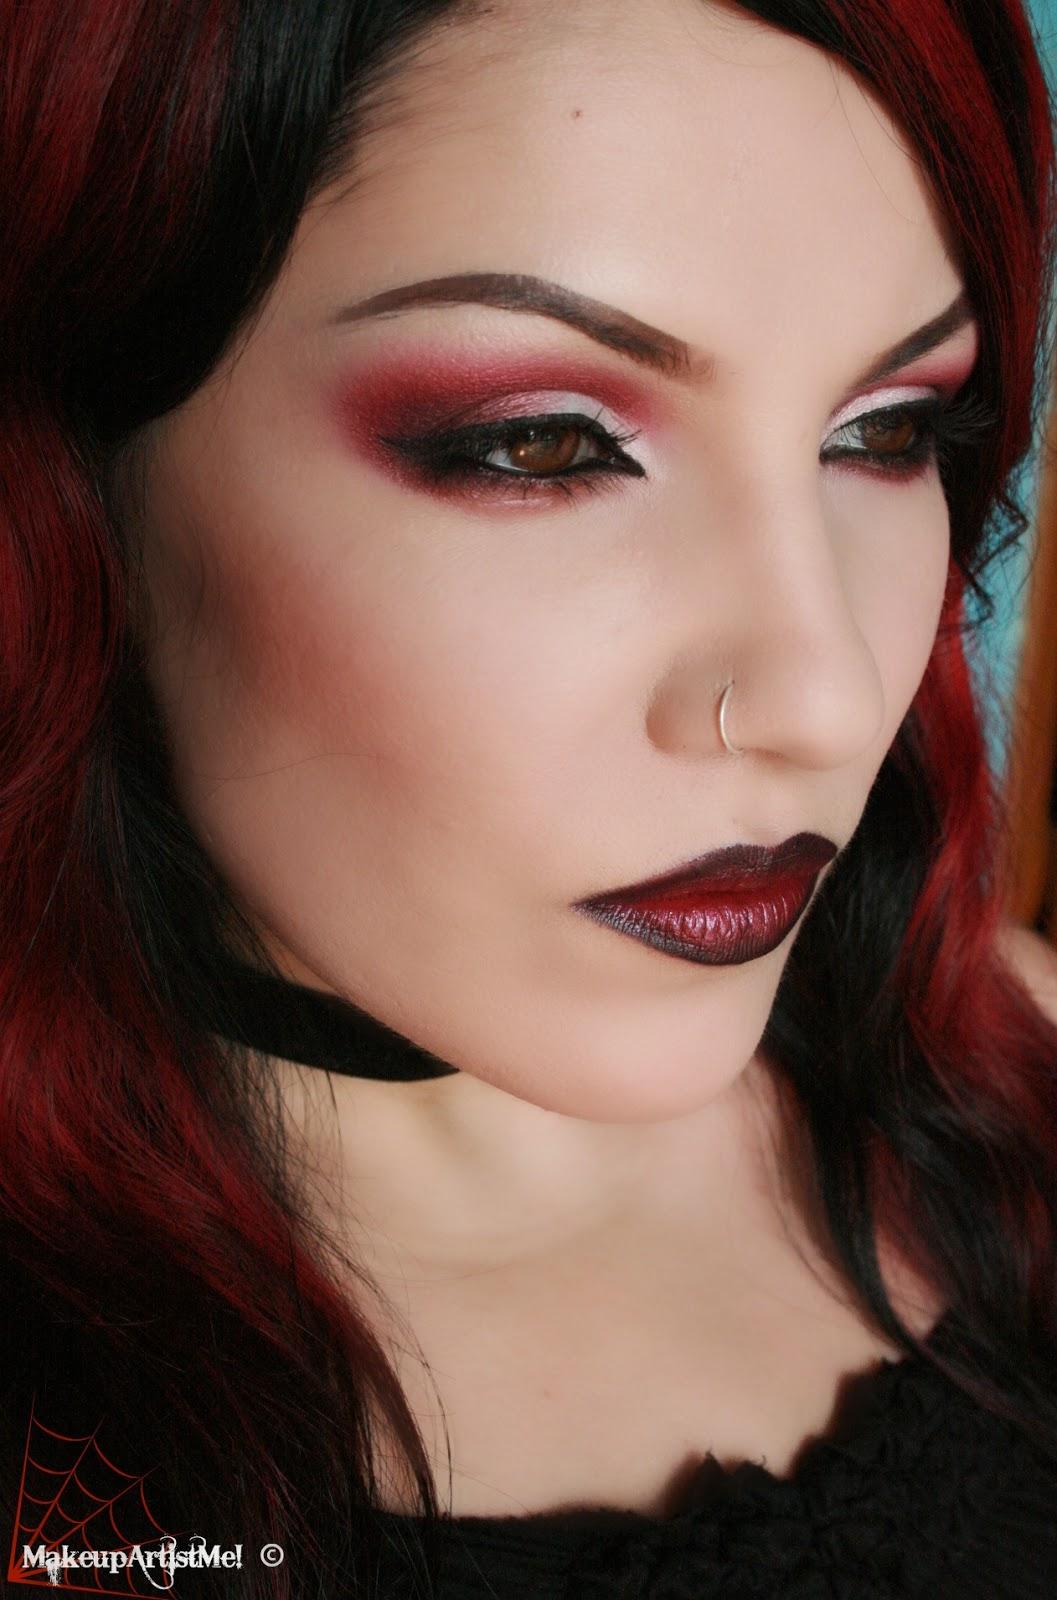 Makeup Ideas For Beginners: Make-up Artist Me!: Daring! Red Eyeshadow Makeup Tutorial